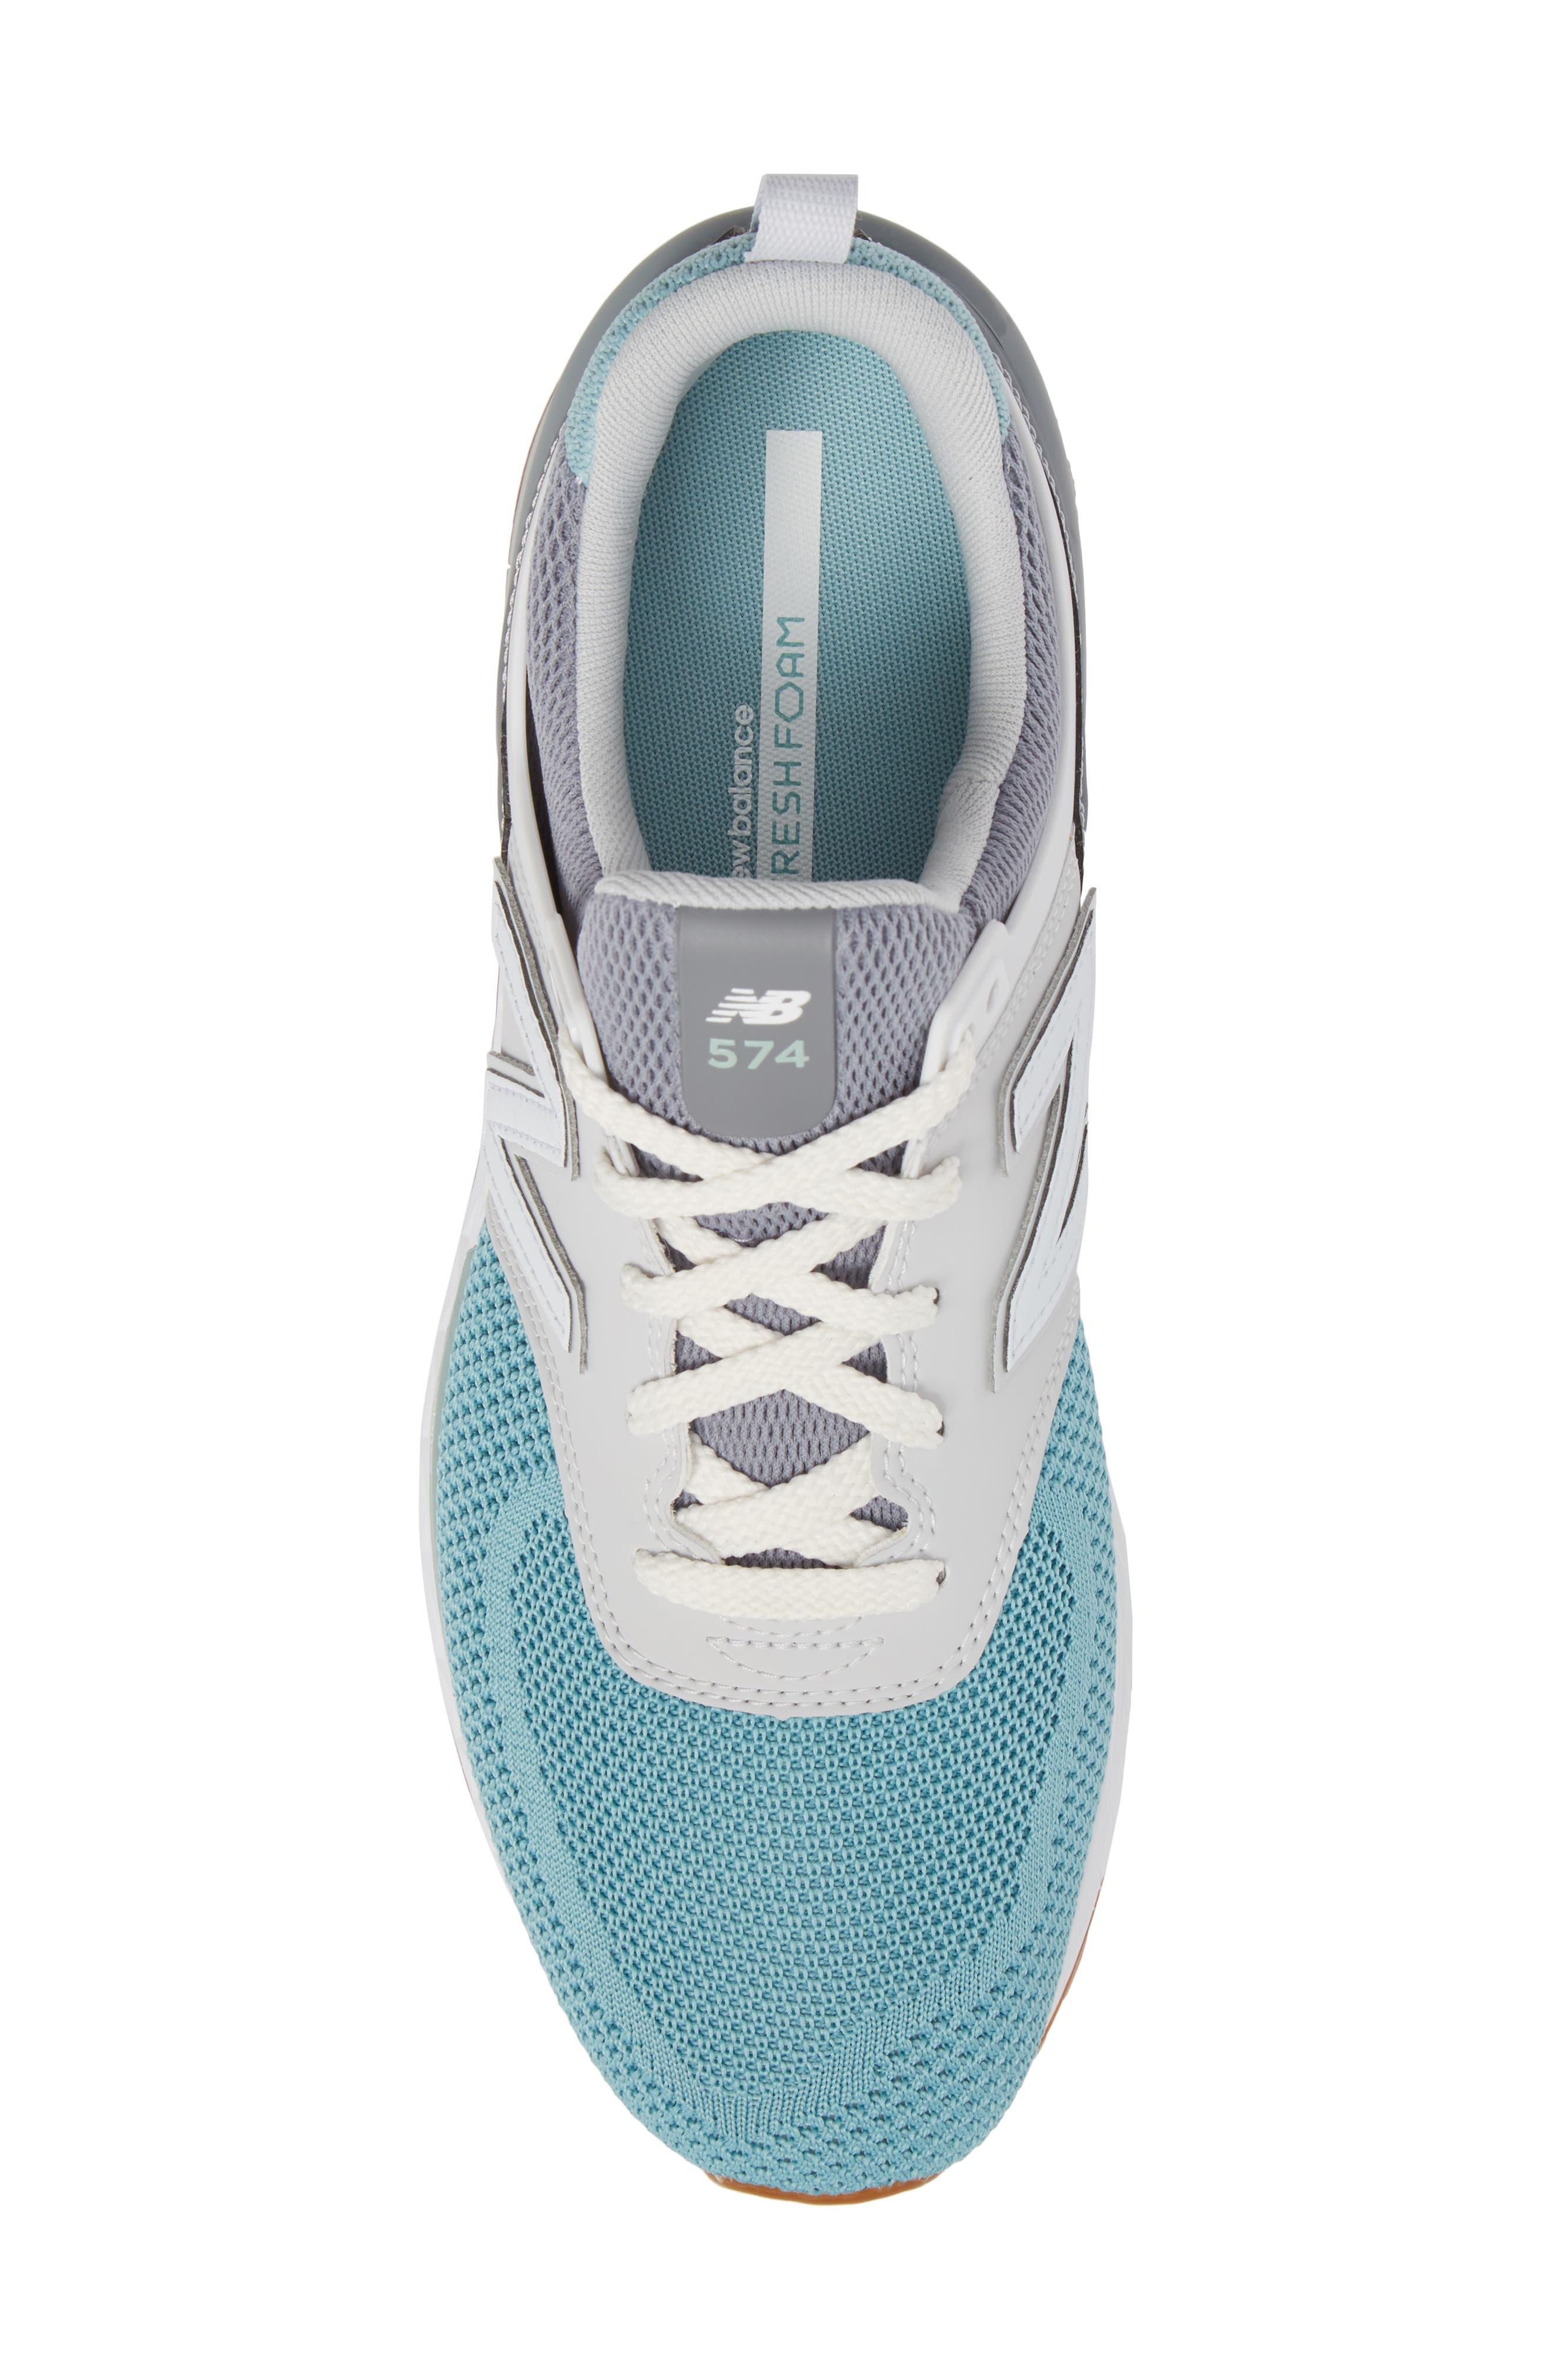 574 Fresh Foam Sport Sneaker,                             Alternate thumbnail 5, color,                             Gunmetal